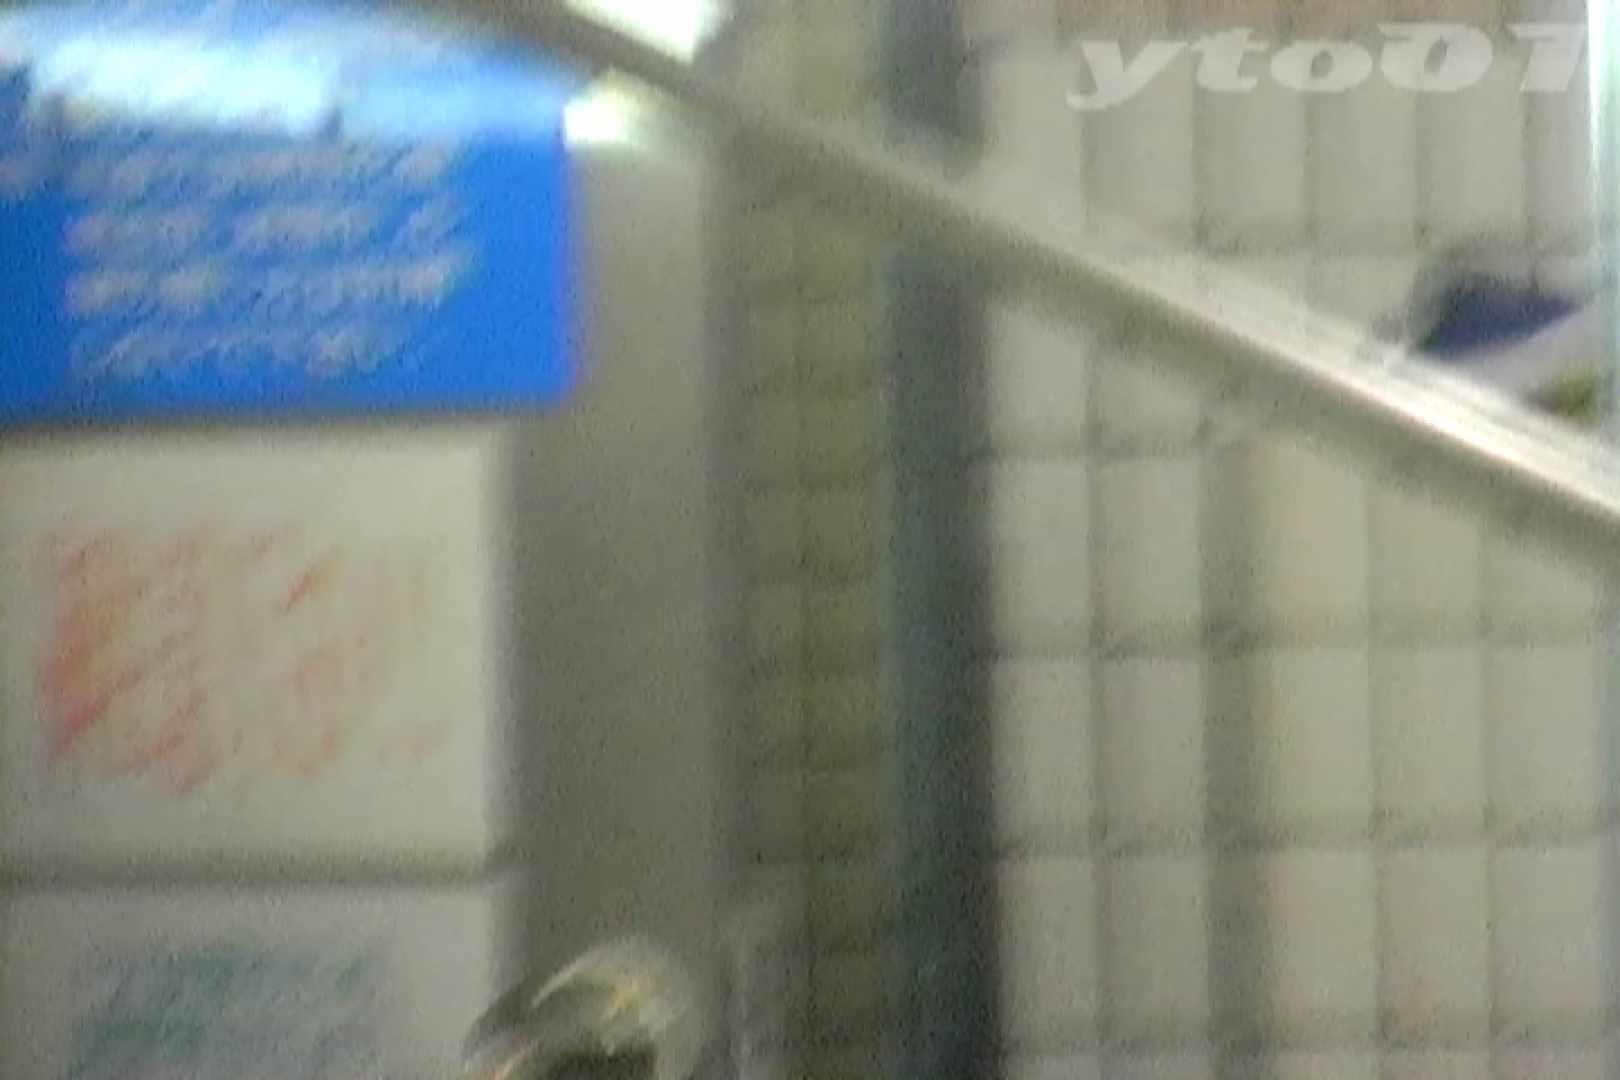 ▲復活限定▲合宿ホテル女風呂盗撮 Vol.05 入浴シーン | OL  87連発 76